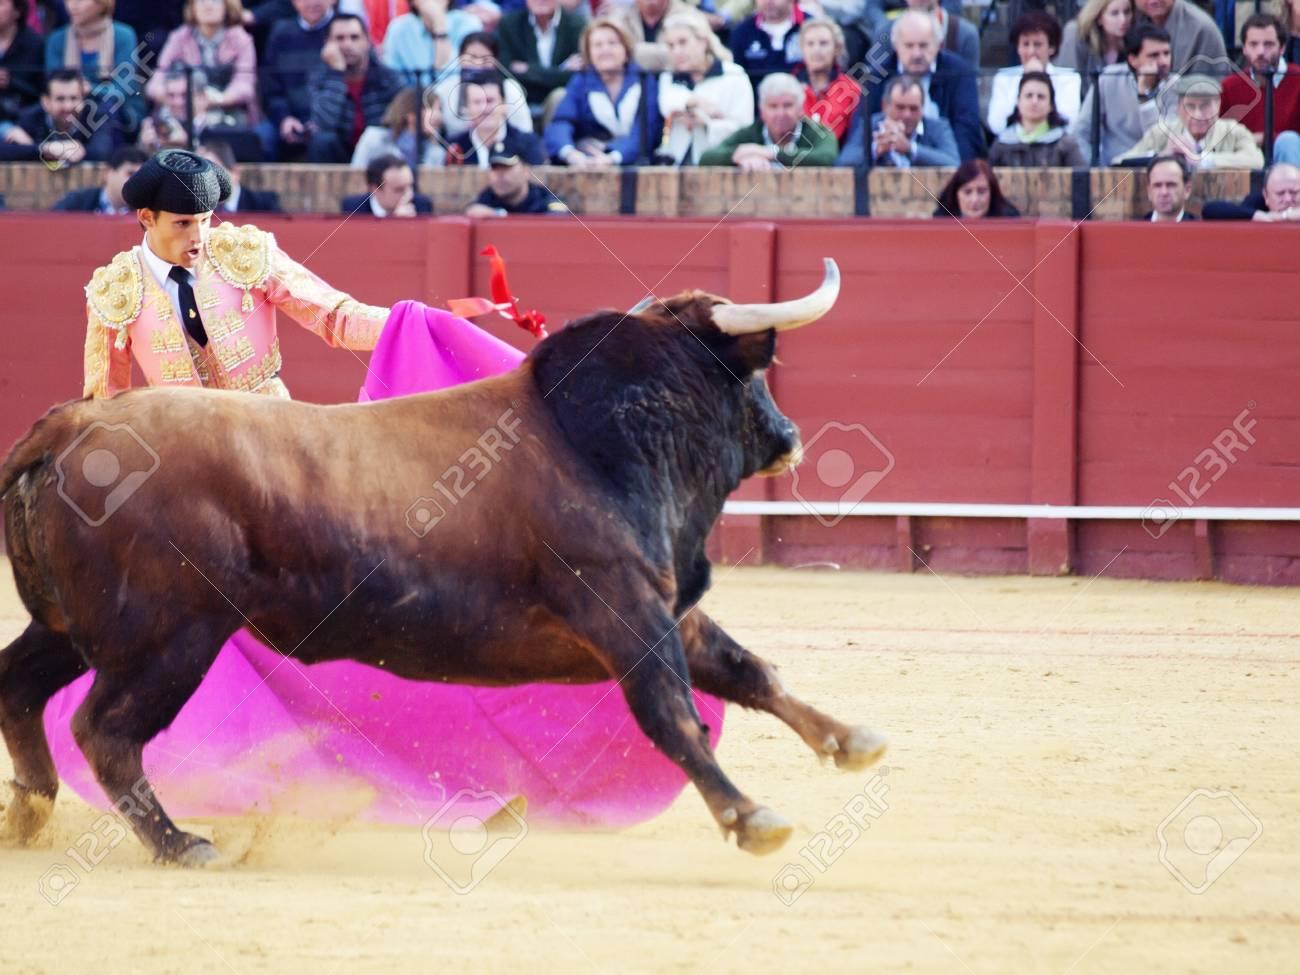 SEVILLA -MAY 20: Novilladas in Plaza de Toros de Sevilla. Novillero:Alvaro Sanlucar. May 20, 2012 in Sevilla (Spain)  Stock Photo - 13789423